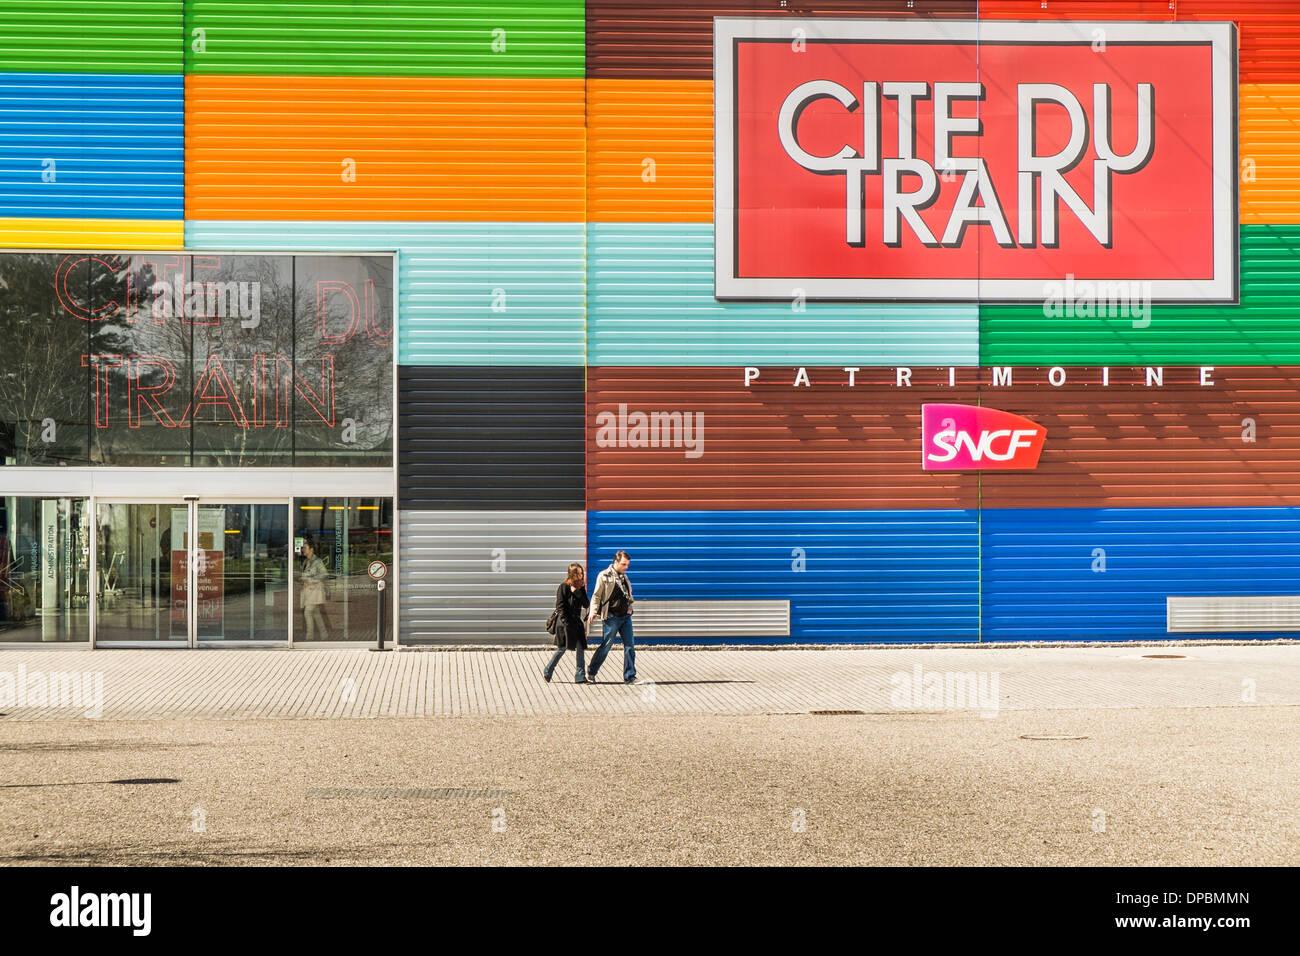 cite du train railroad museum, mulhouse, alsace, france - Stock Image